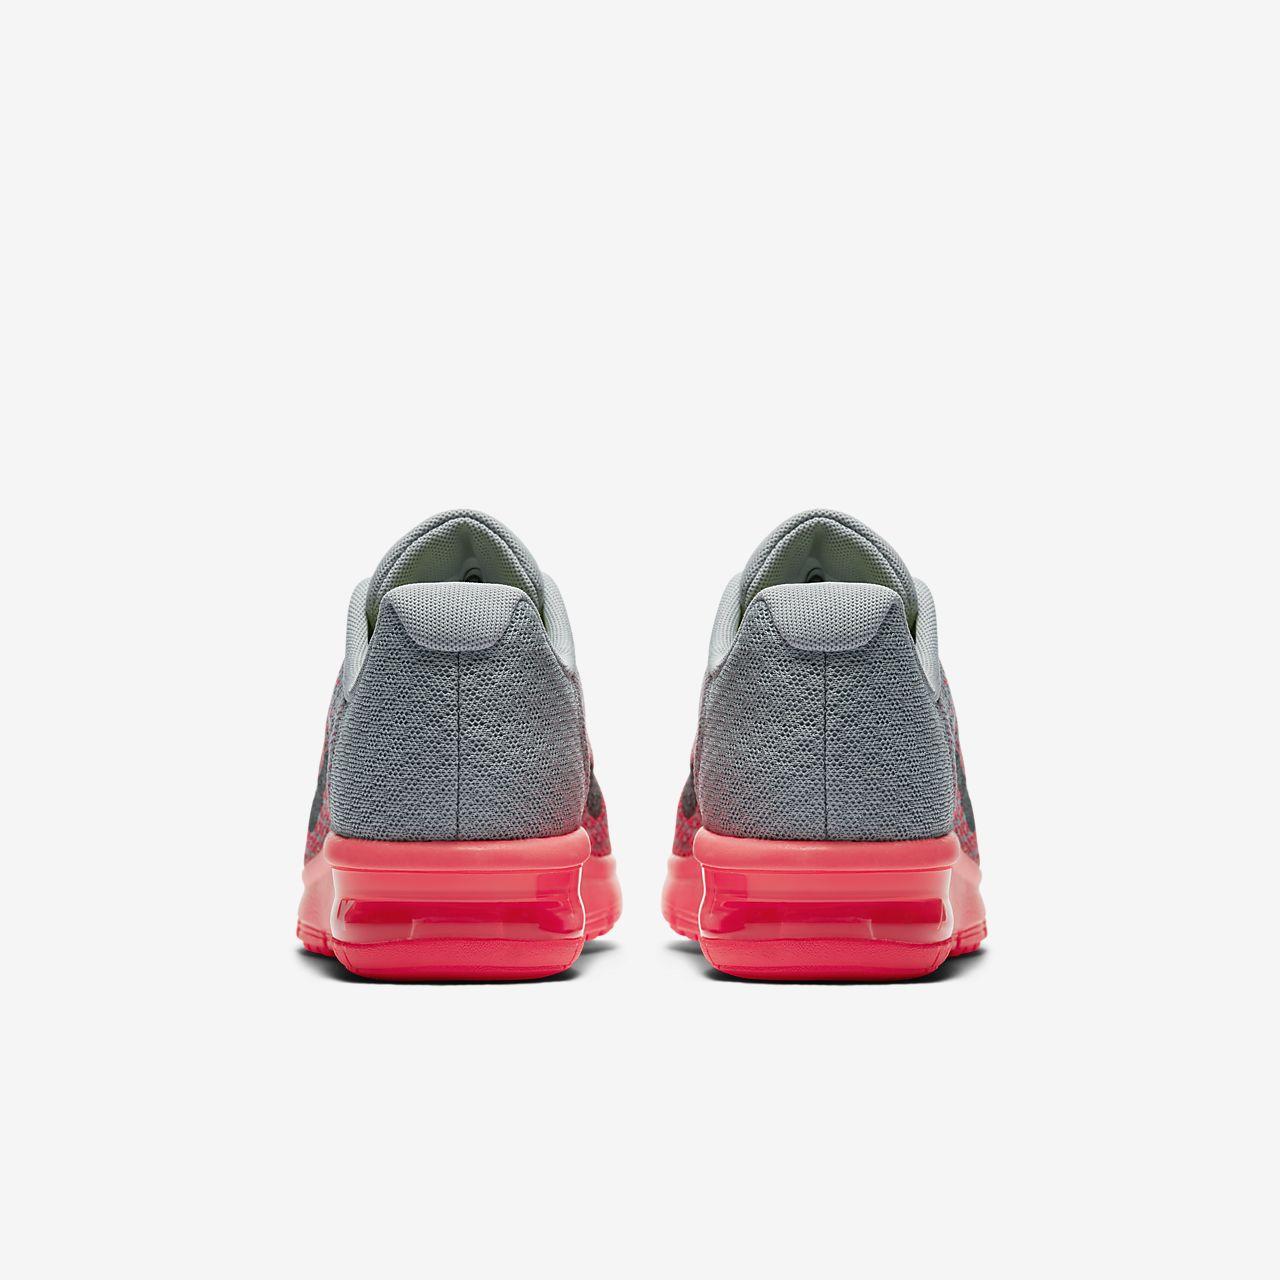 big sale af51c 39b4b ... Chaussure de running Nike Air Max Sequent 2 pour Enfant plus âgé